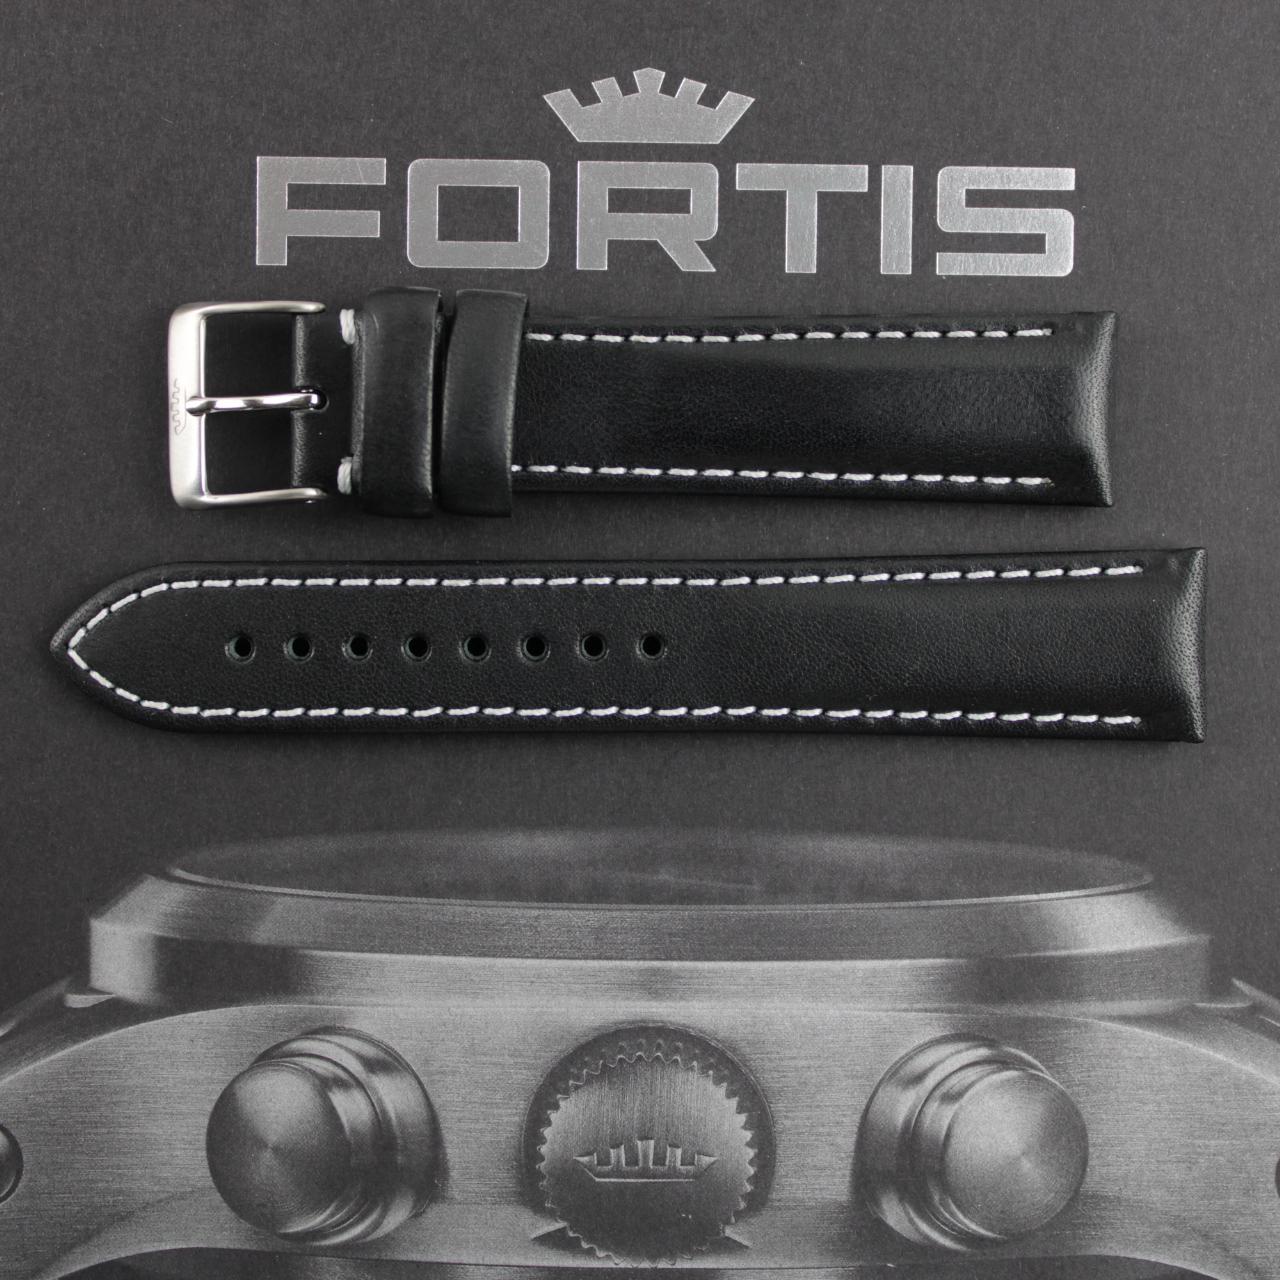 Fortis Lederband schwarz mit weisser Kontrastnaht.